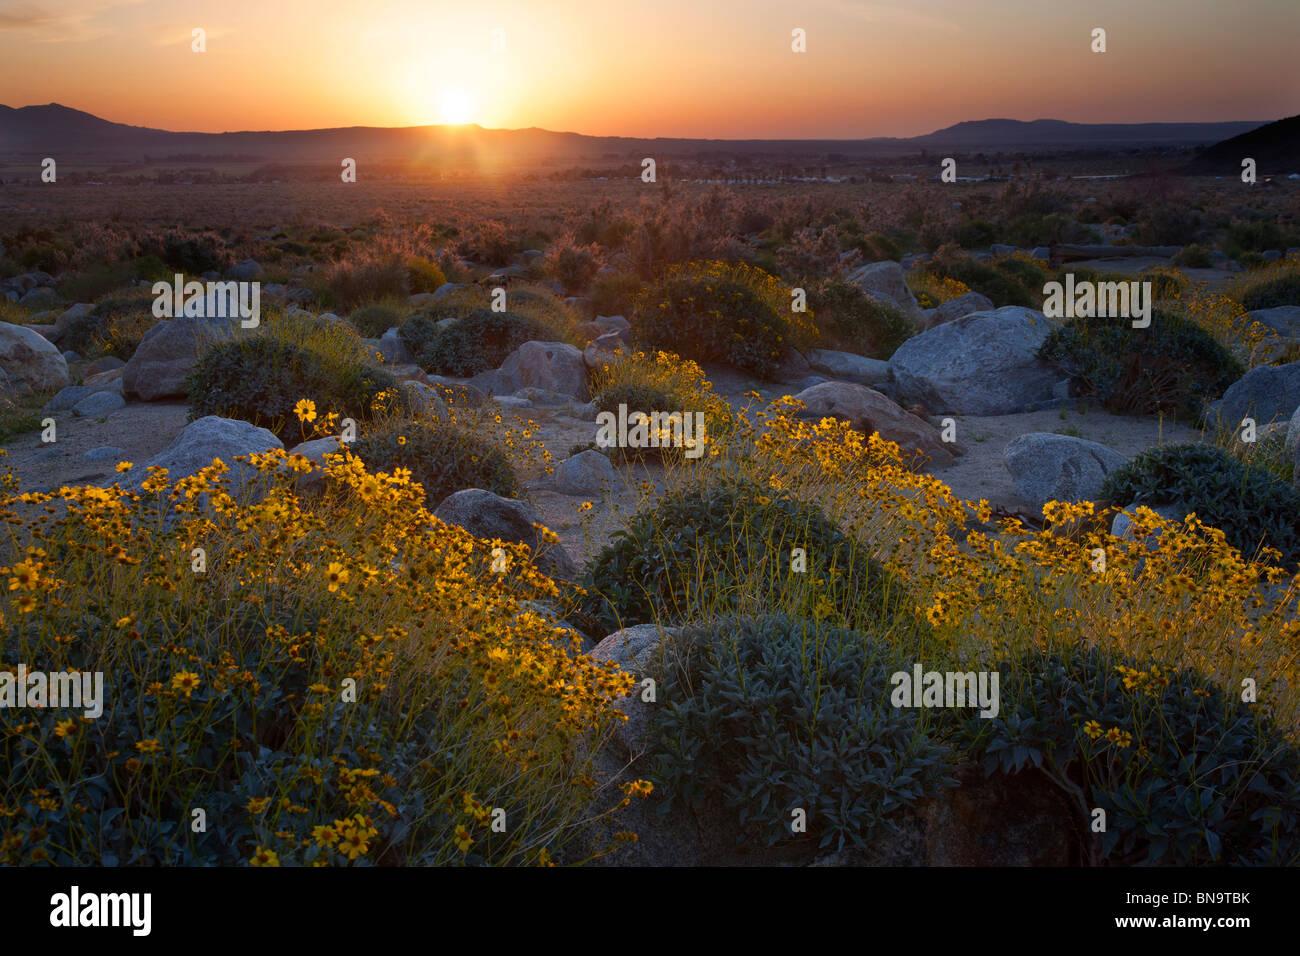 Flores silvestres en Borrego Palm Canyon, Desierto Anza-Borrego State Park, California. Foto de stock